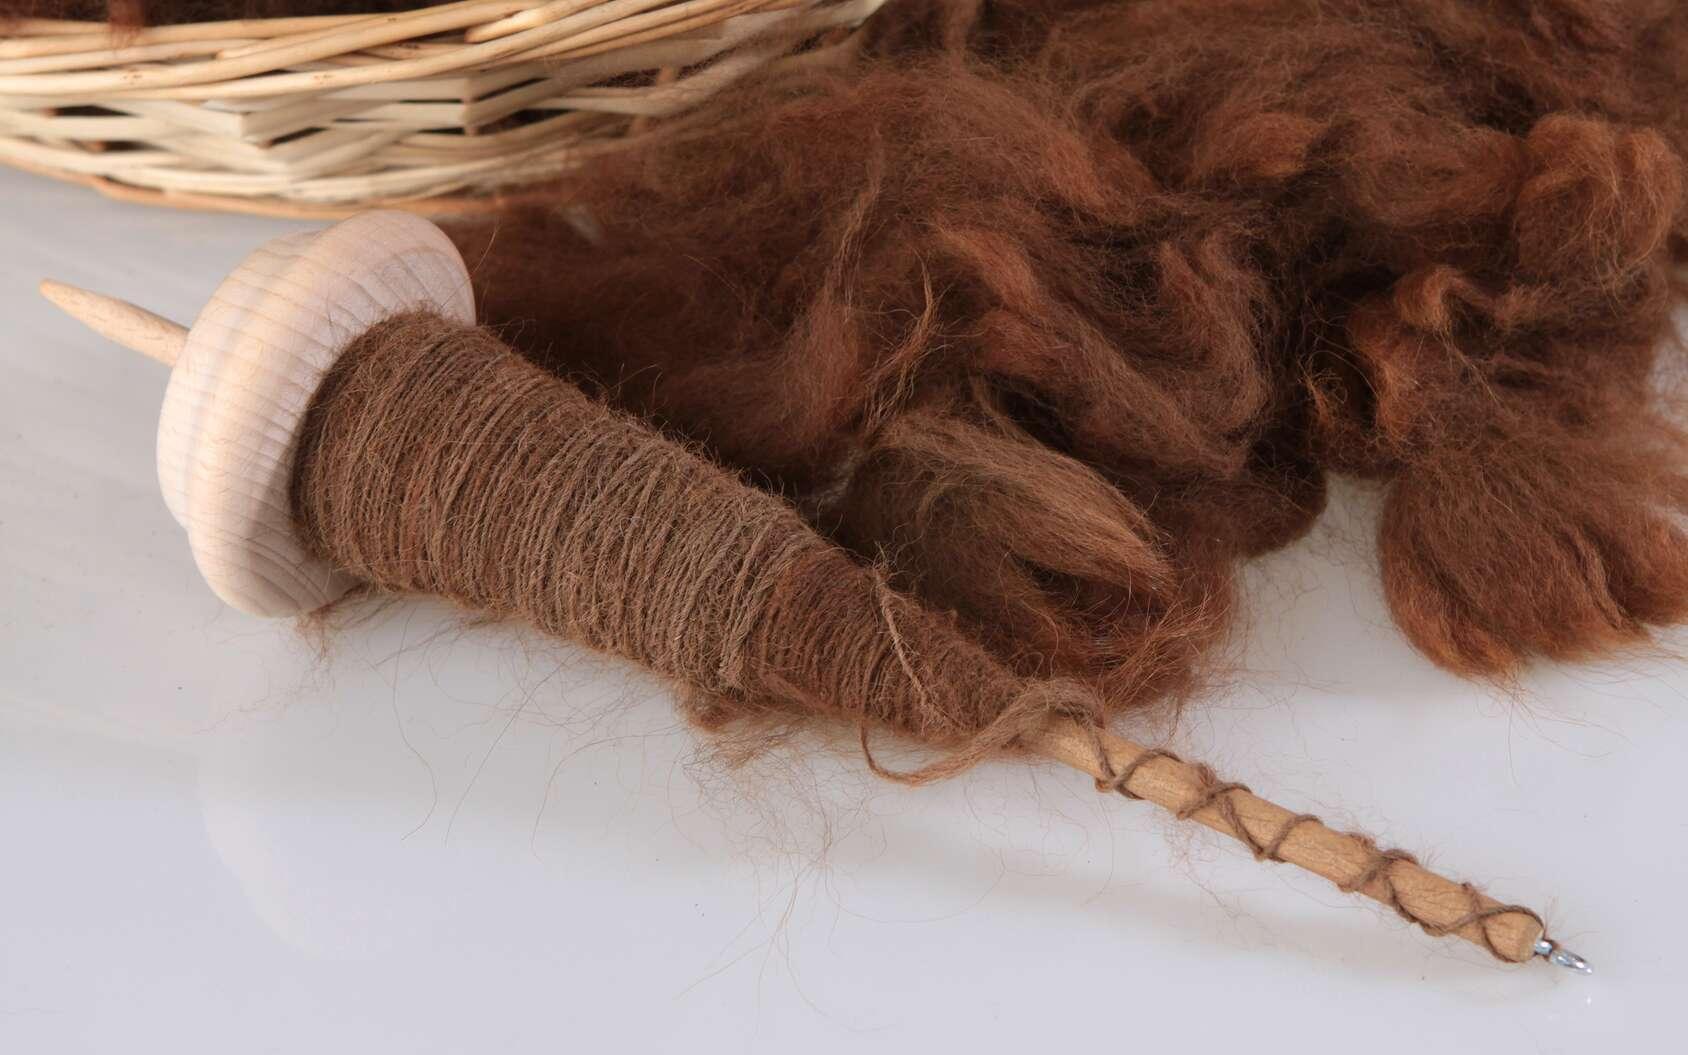 L'alpaga est réputé pour sa laine particulièrement fine et douce. © Karina Baumgart, Fotolia